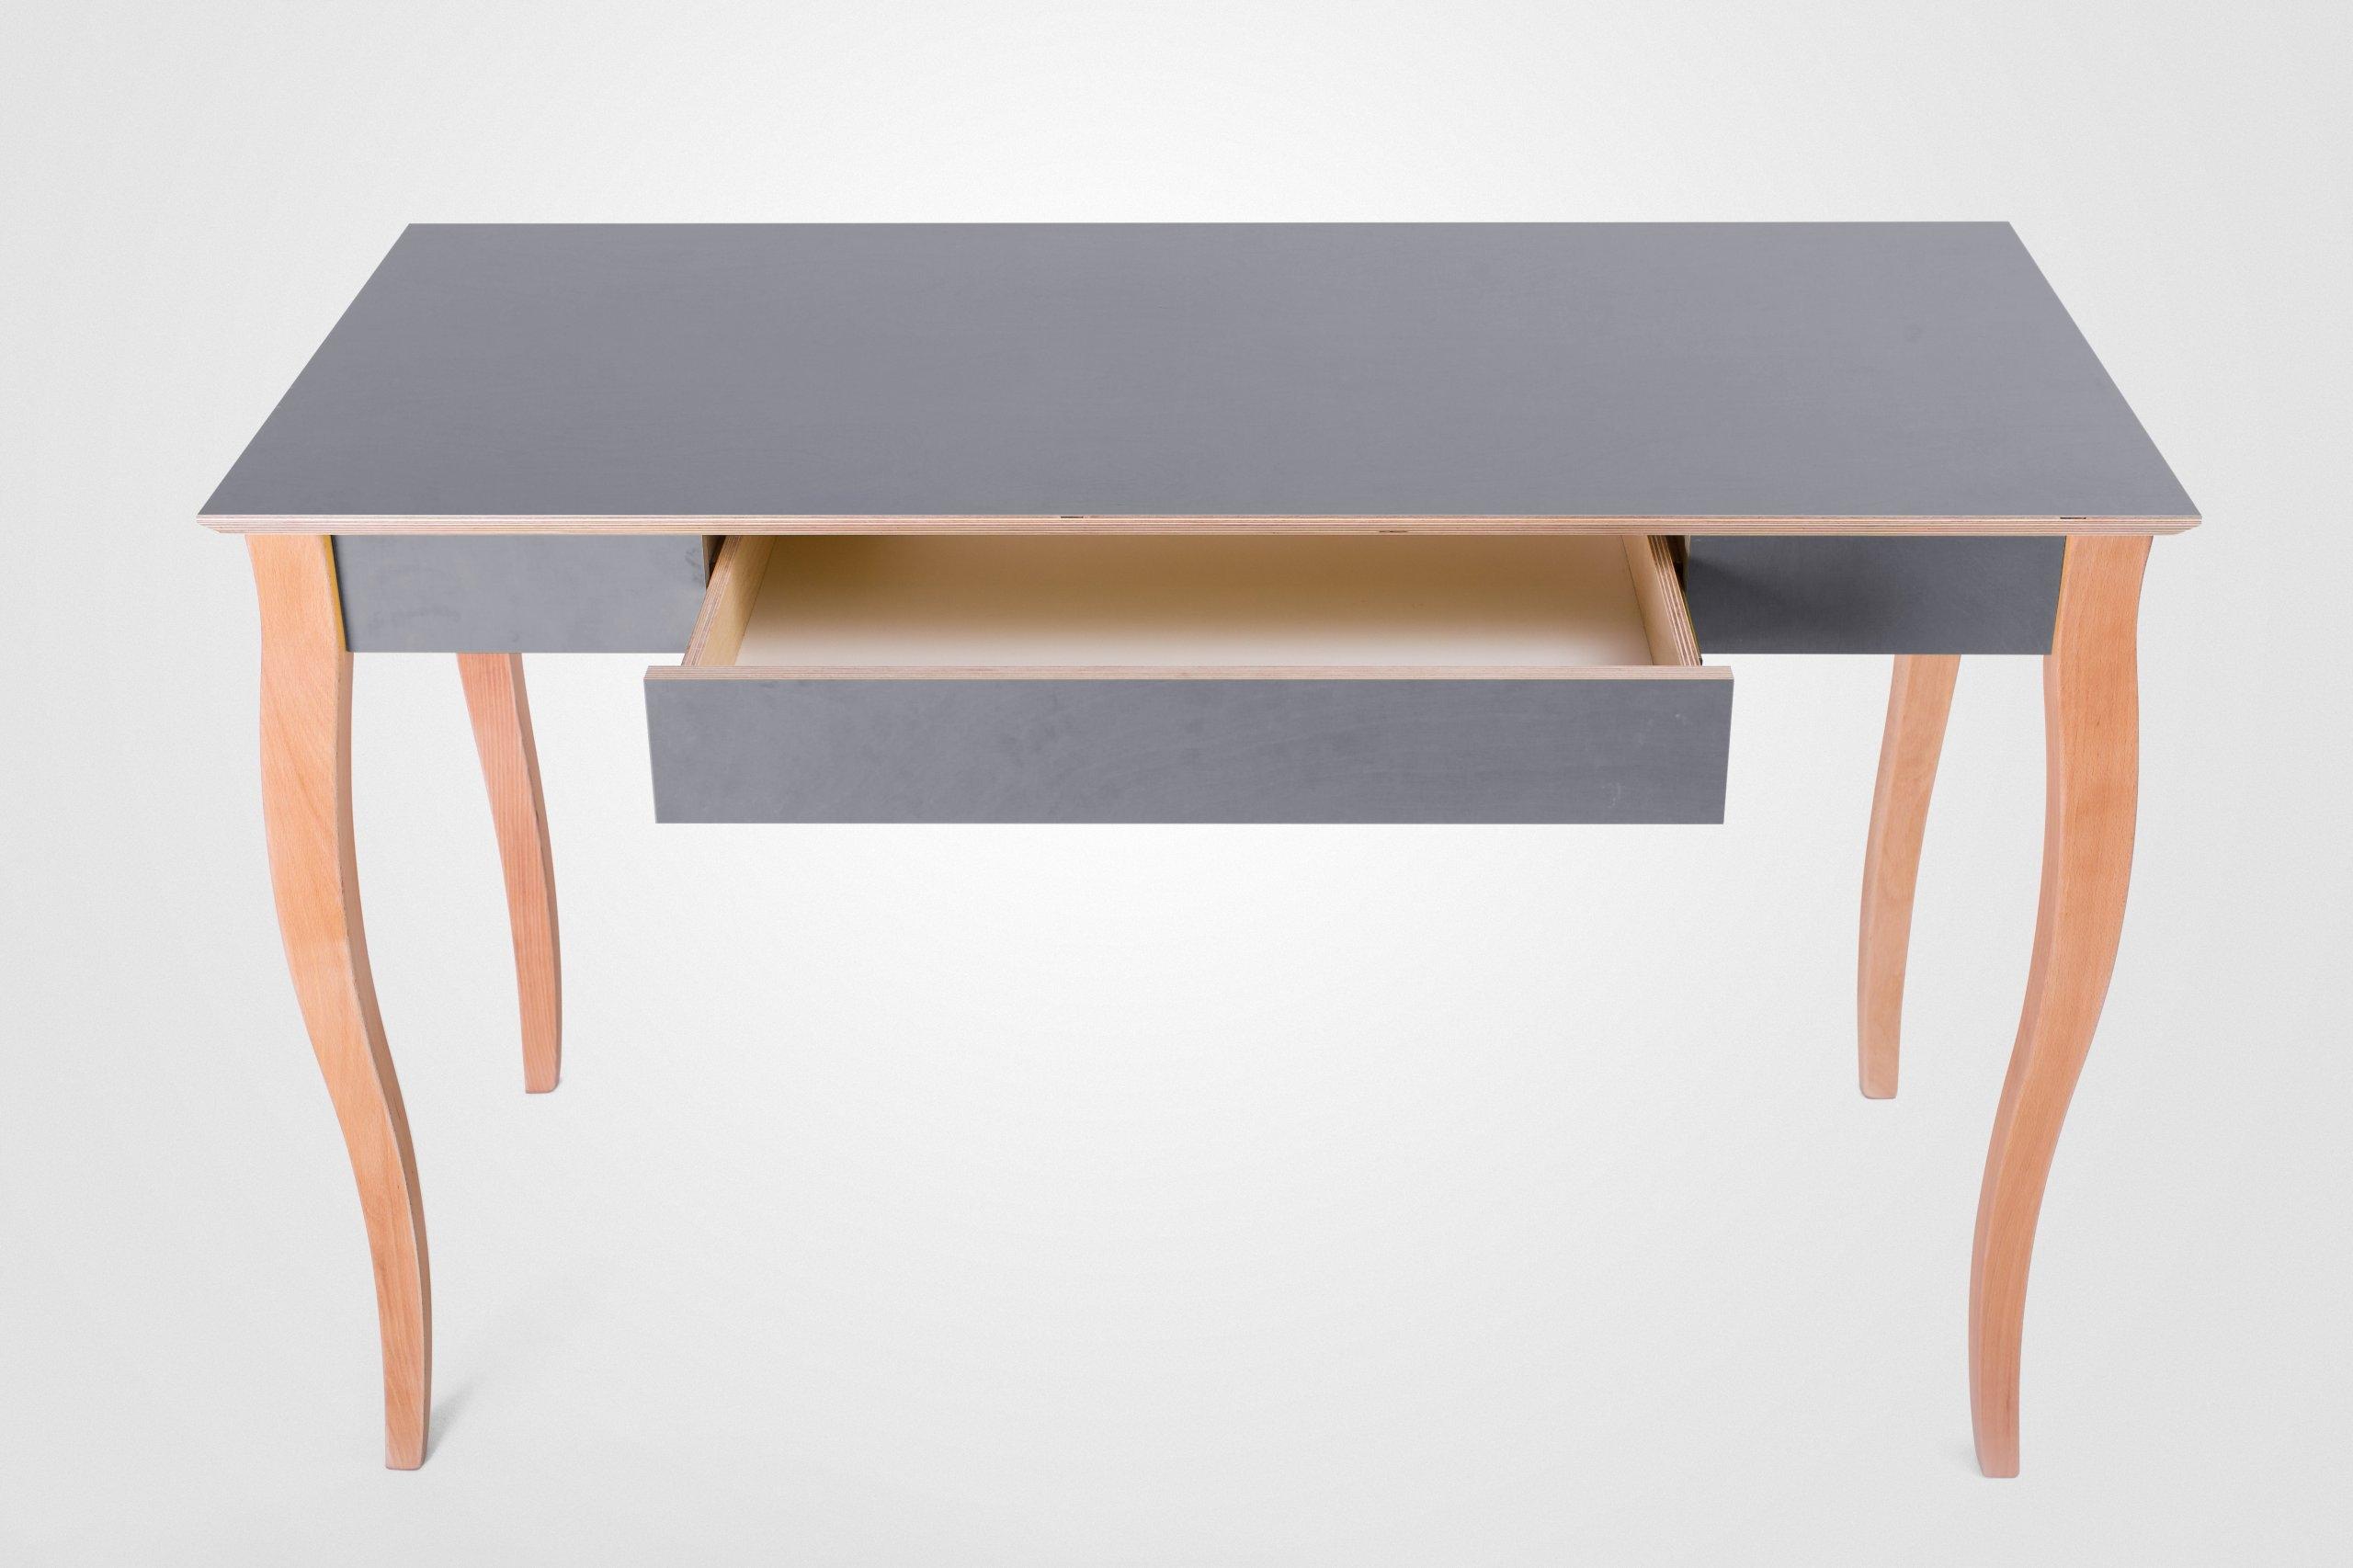 MODERNÝ písací Stôl so zásuvkou Úloh šedá tabuľka